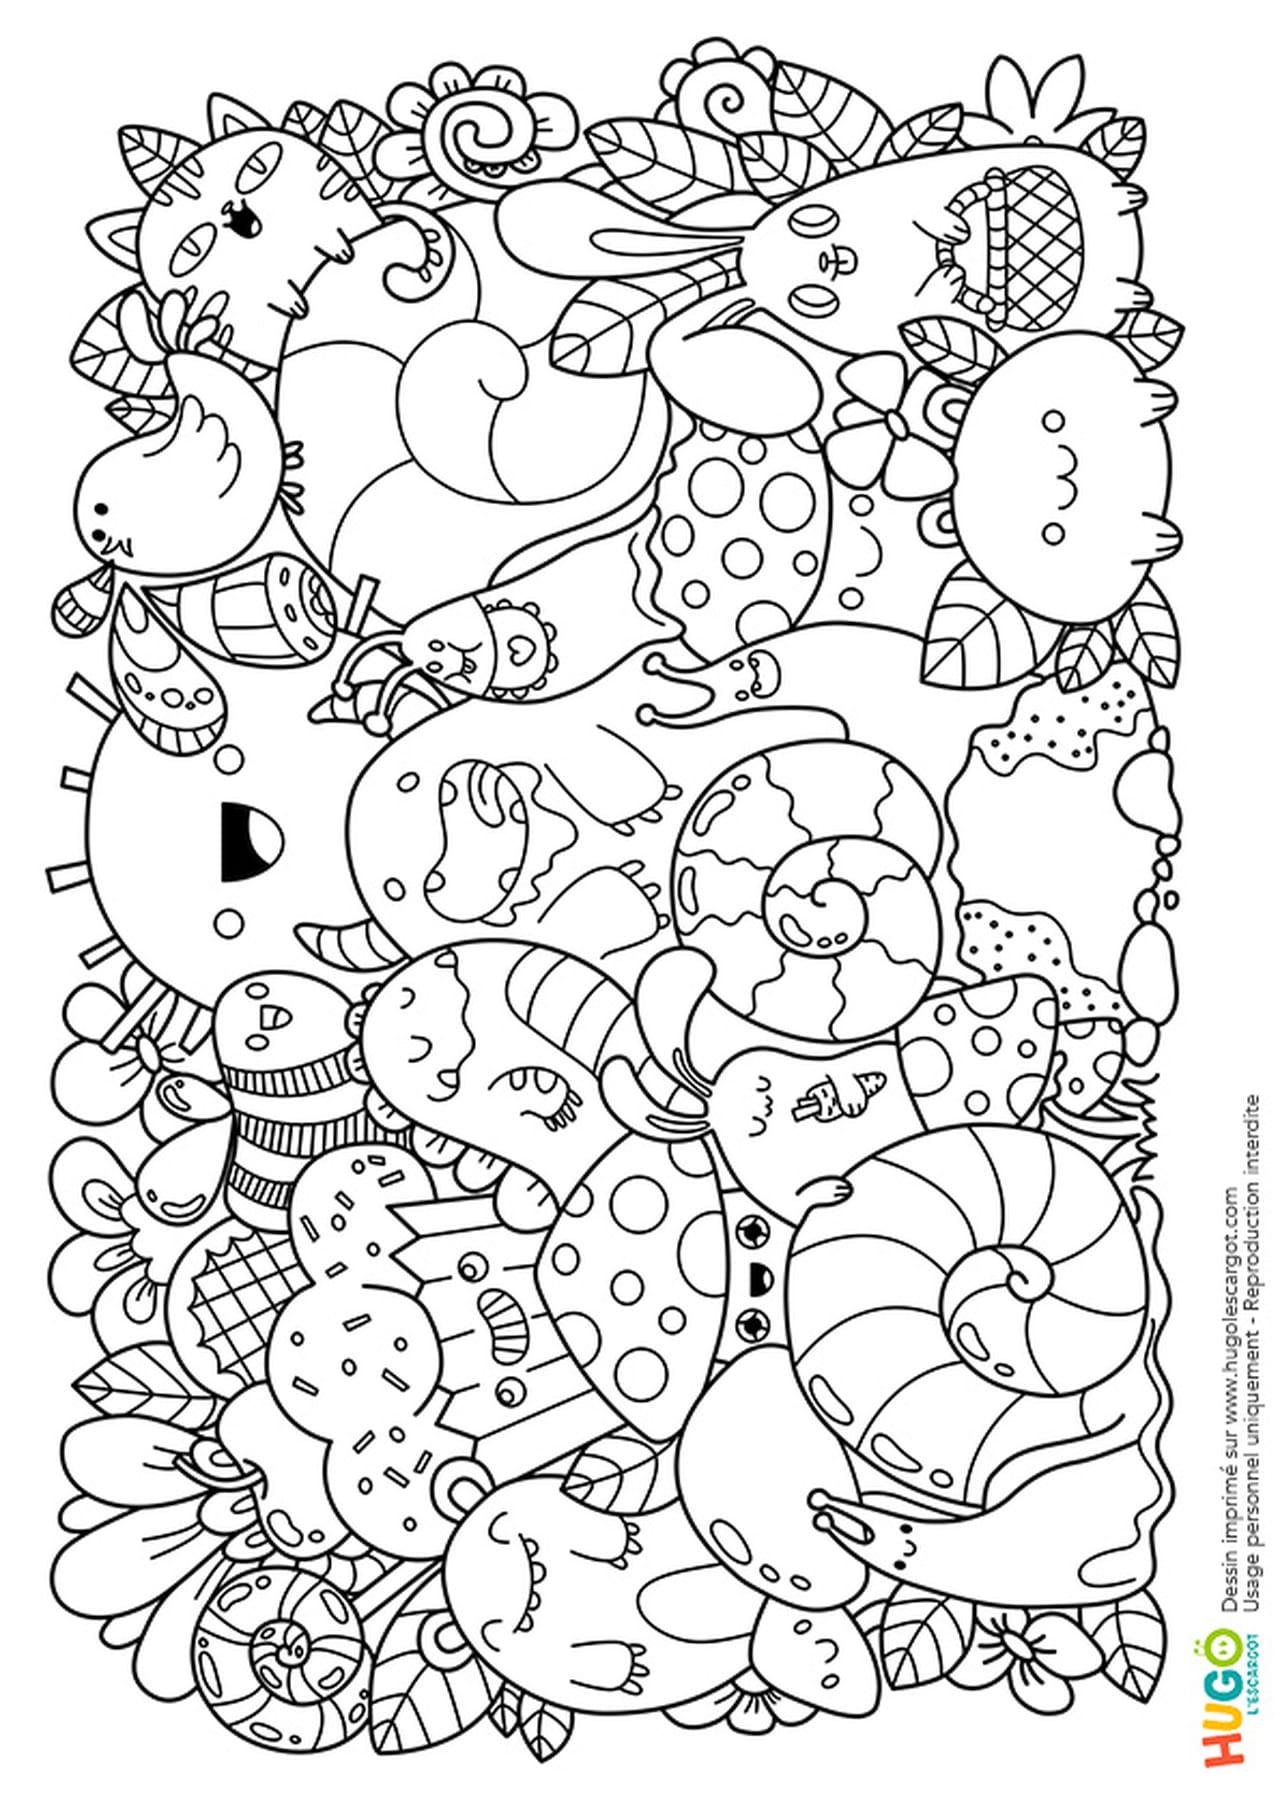 Coloriage Animaux Kawaii.Coloriage Personnages Et Animaux Kawaii En Ligne Gratuit A